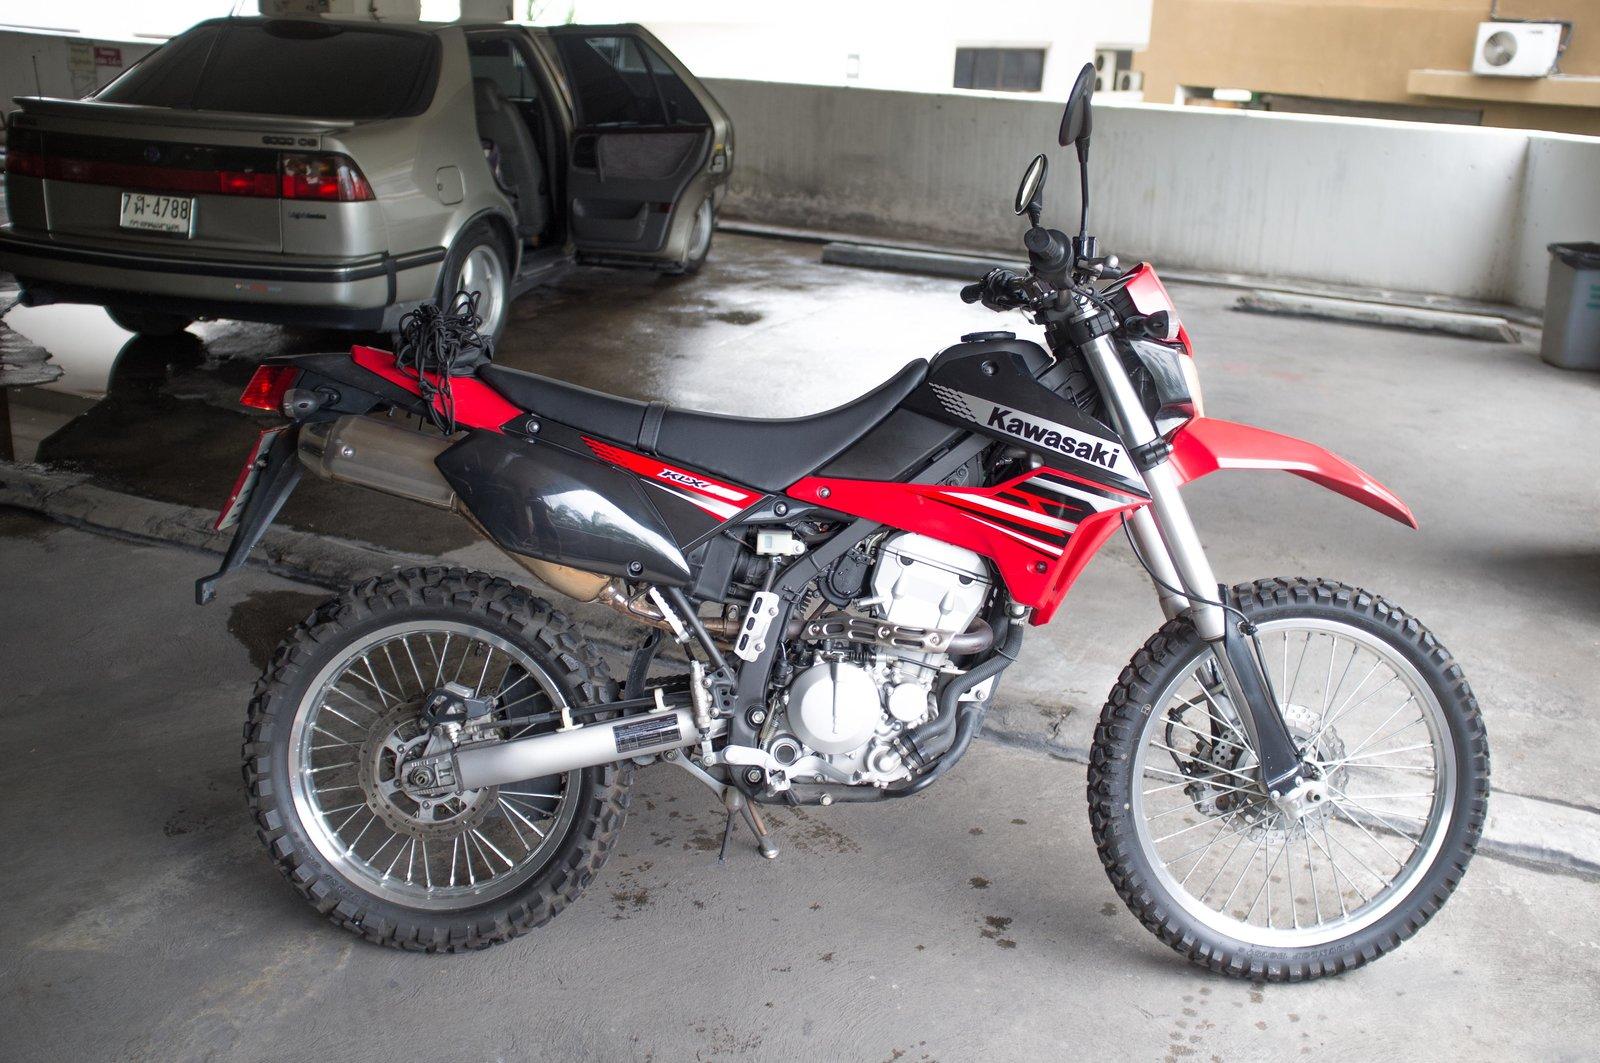 2012 Kawasaki KLX 250 a.jpg